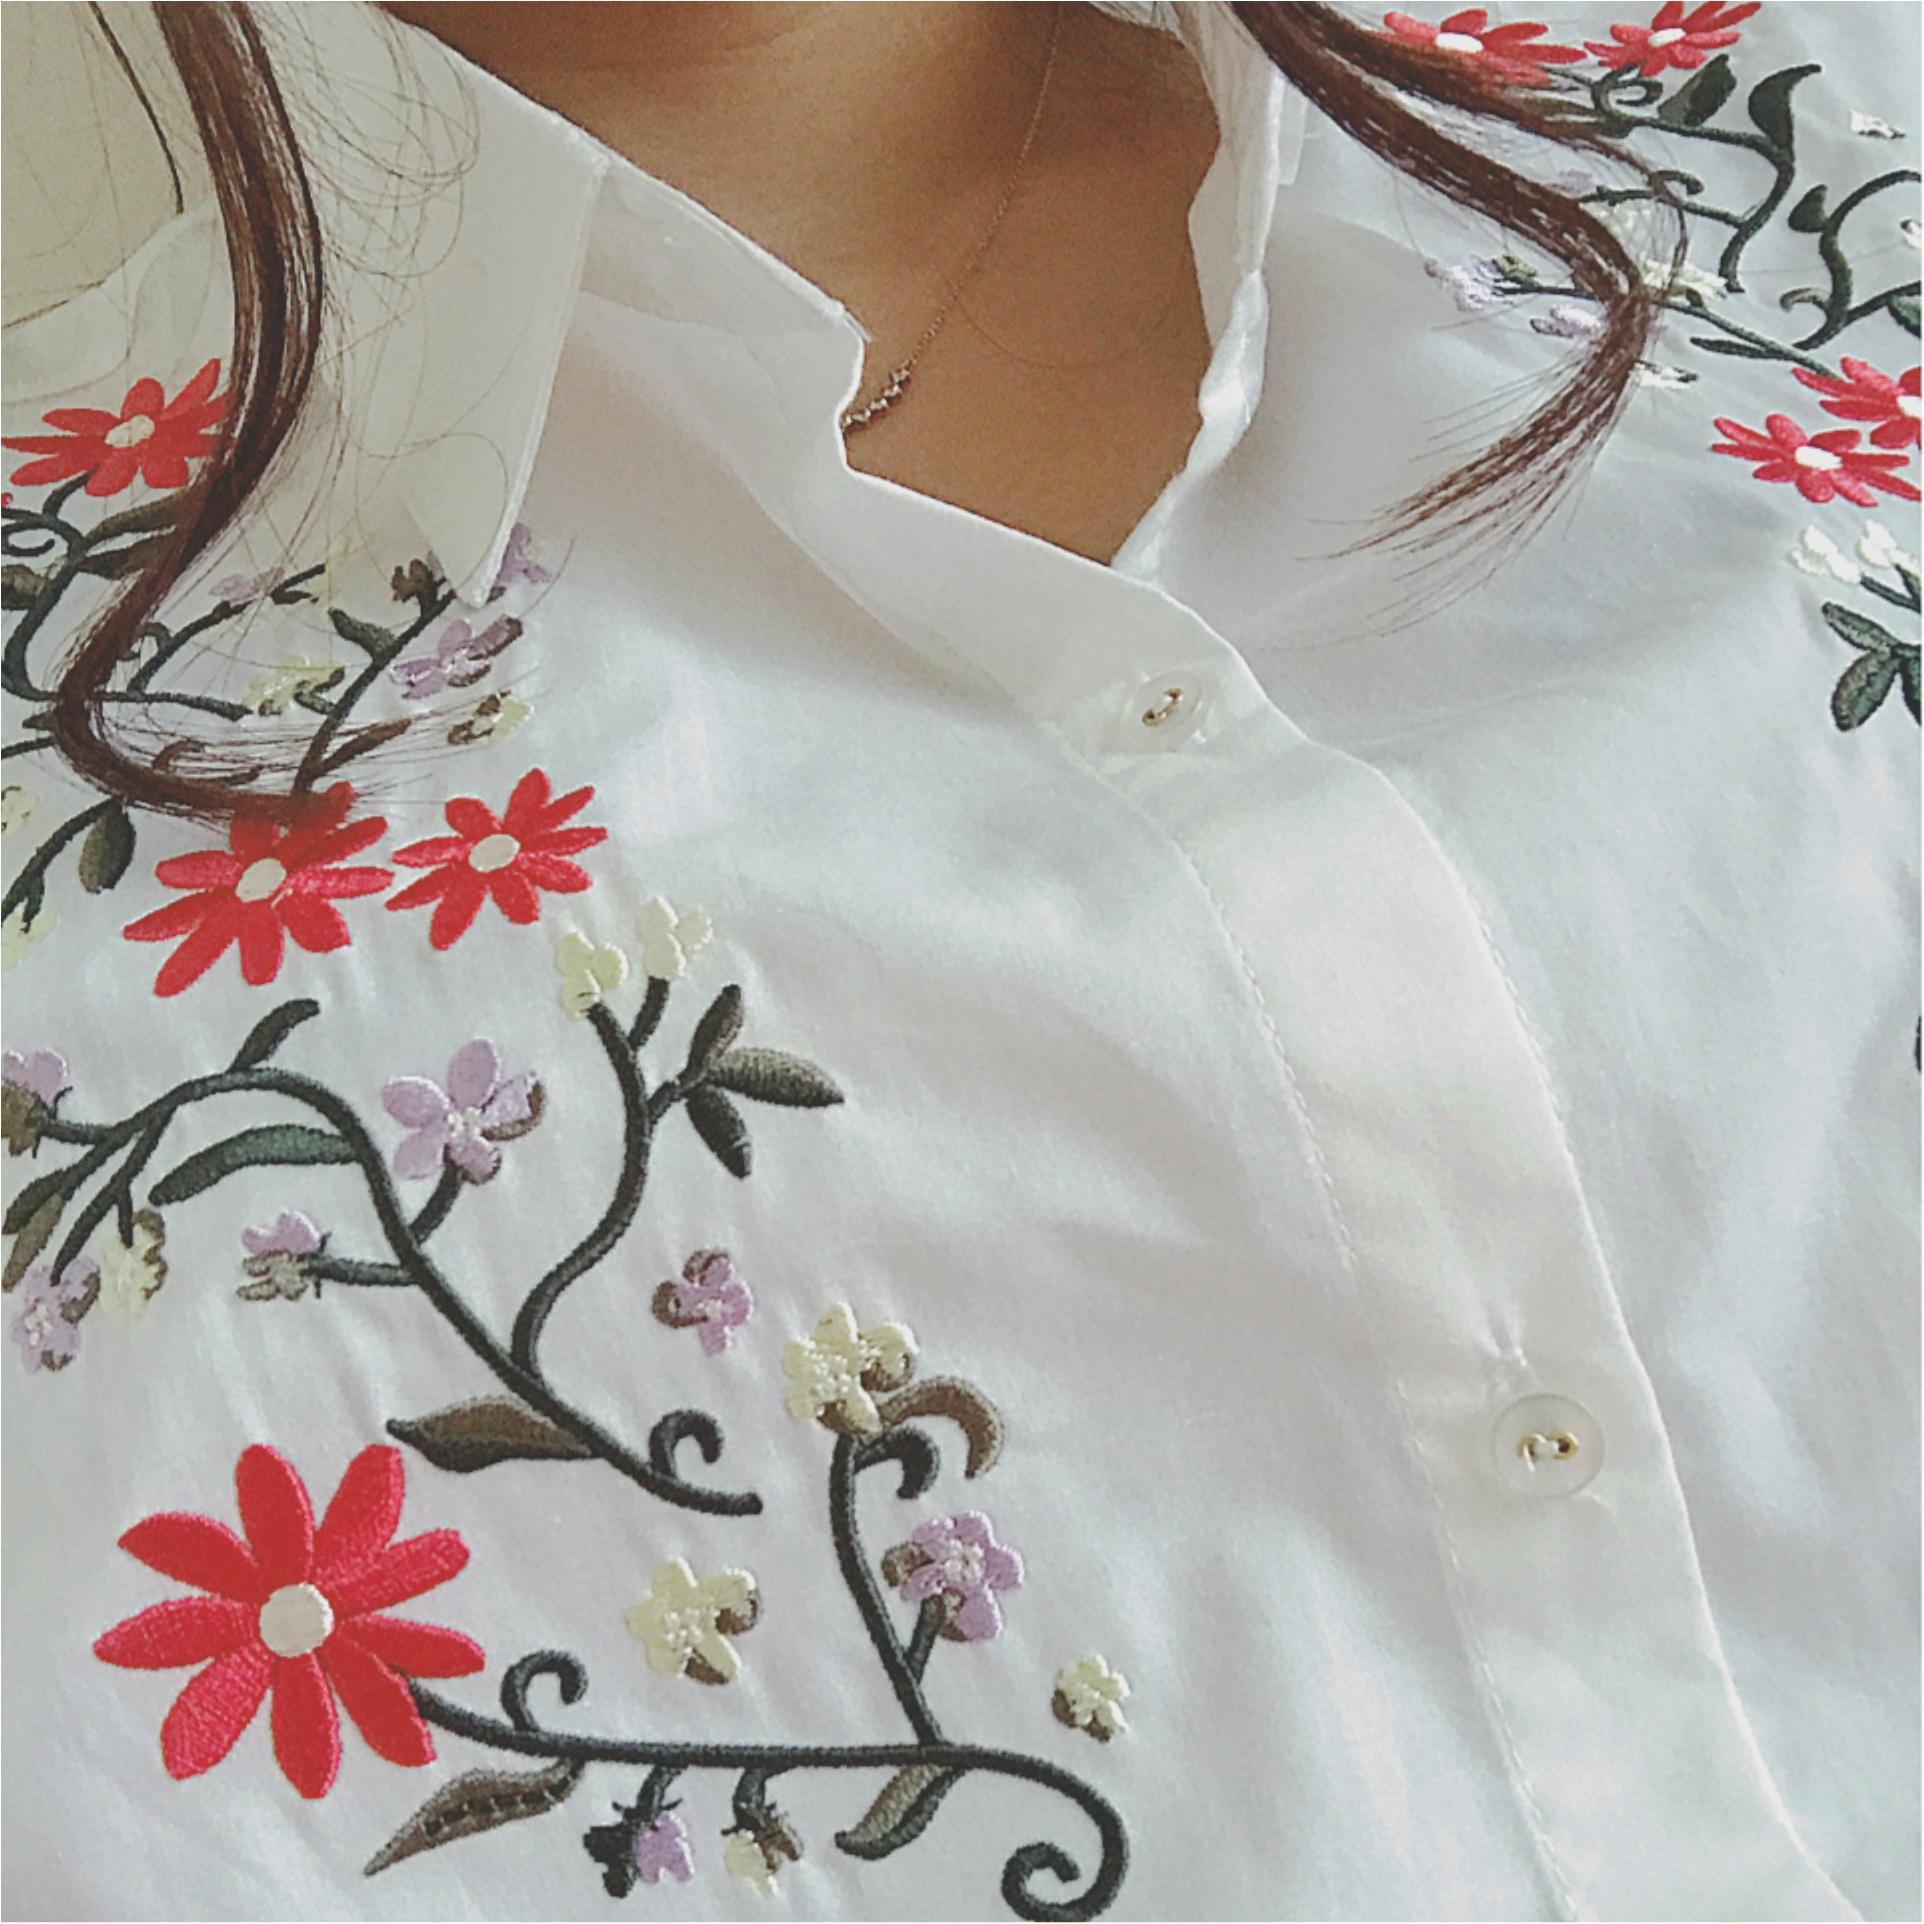 ★流行りの刺繍トップス♡ガーリーアイテムがちょっぴり苦手な私はキレイ色スカートで大人レトロコーデ★_1